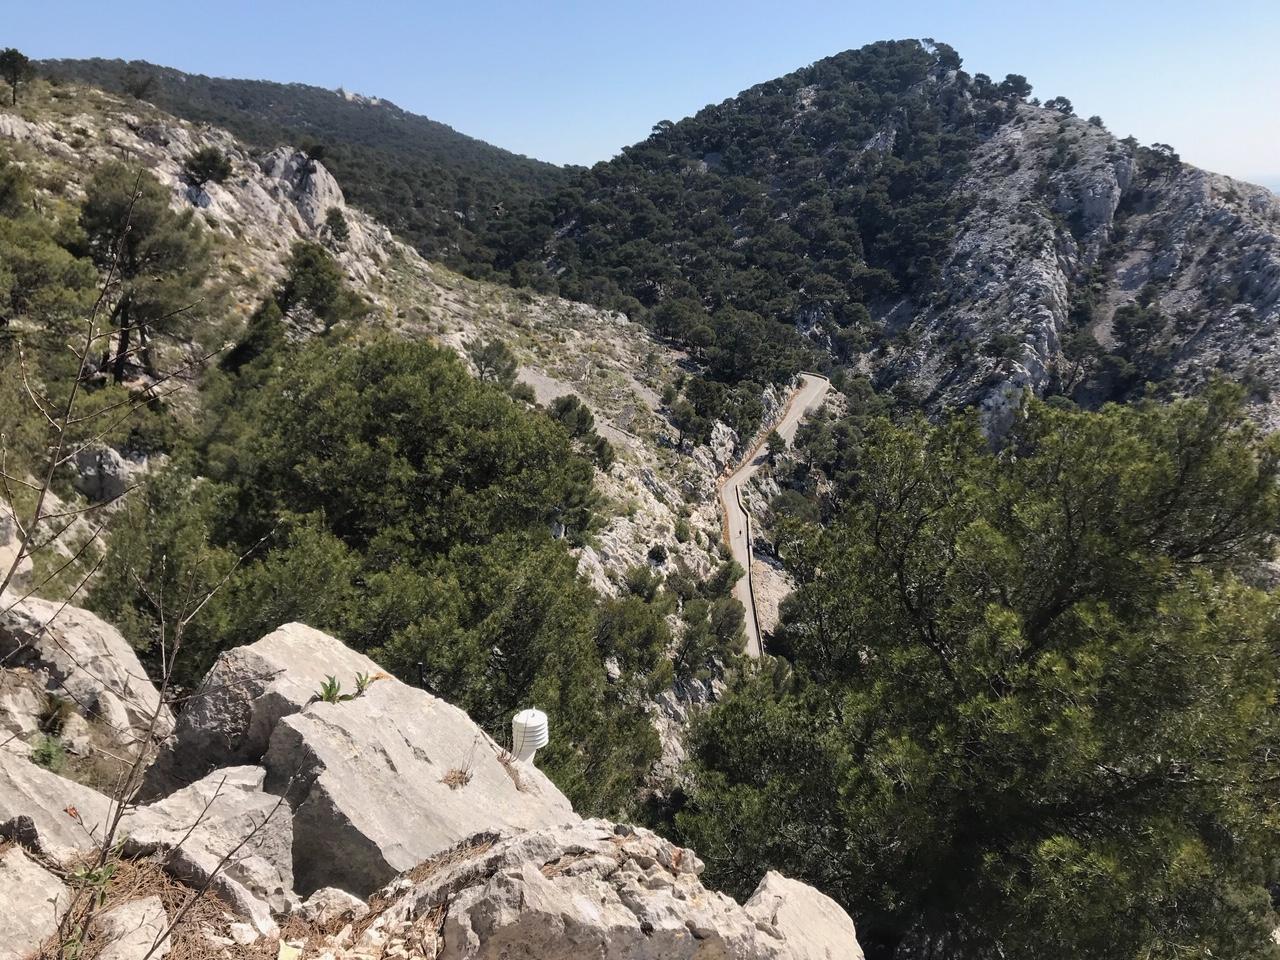 Les techniciens utilisent des cibles comme celle-là pour effectuer des photos en haute définition des falaises et des mouvements de terrain.